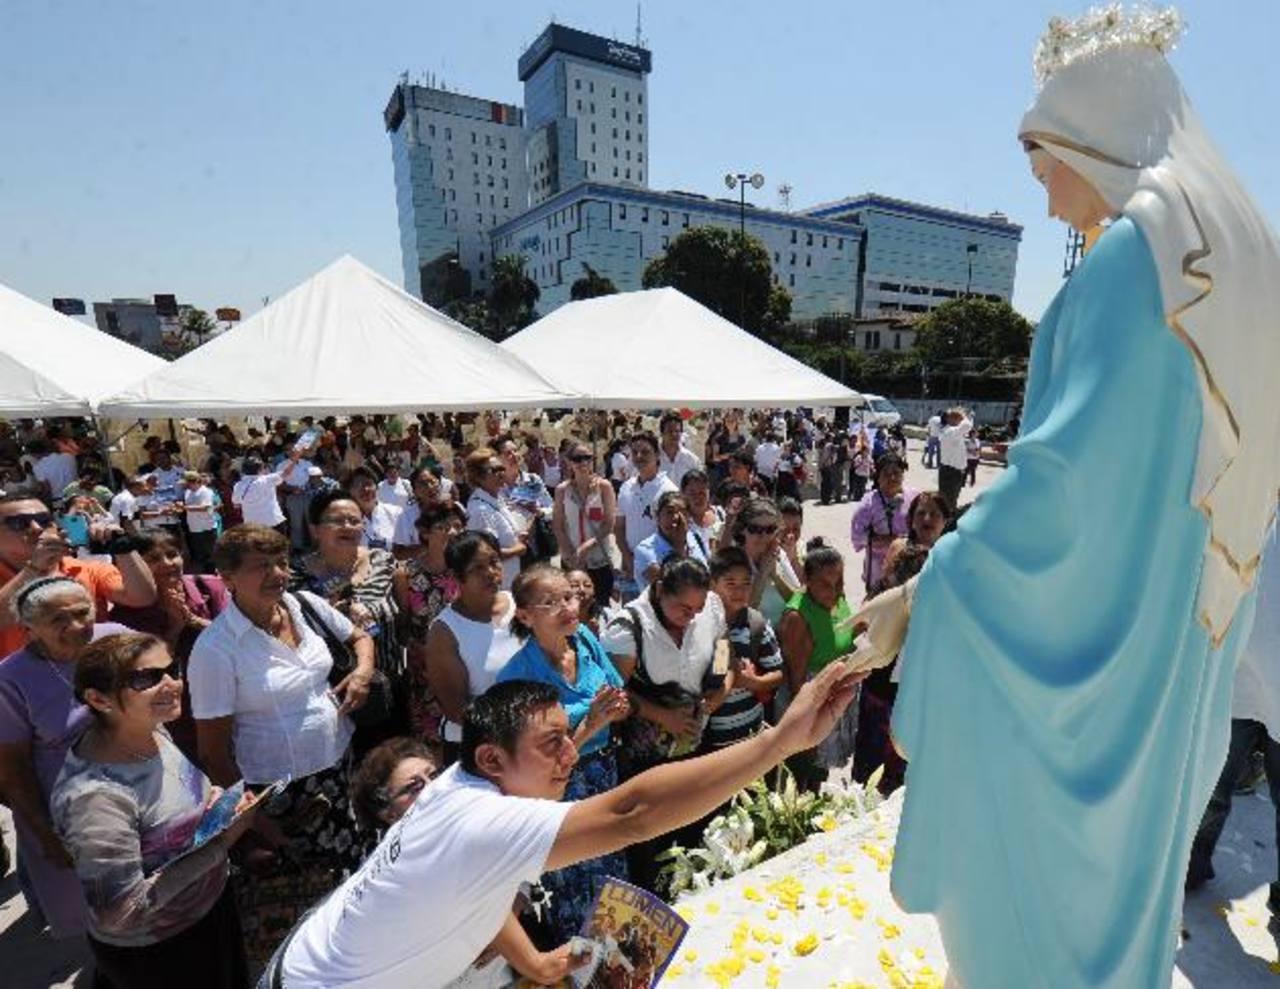 El fervor religioso era evidente en los feligreses.Decenas de cristianos acudieron a la cita espiritual organizada por el Comité de Oración por El Salvador. fotos edh /huber rosales